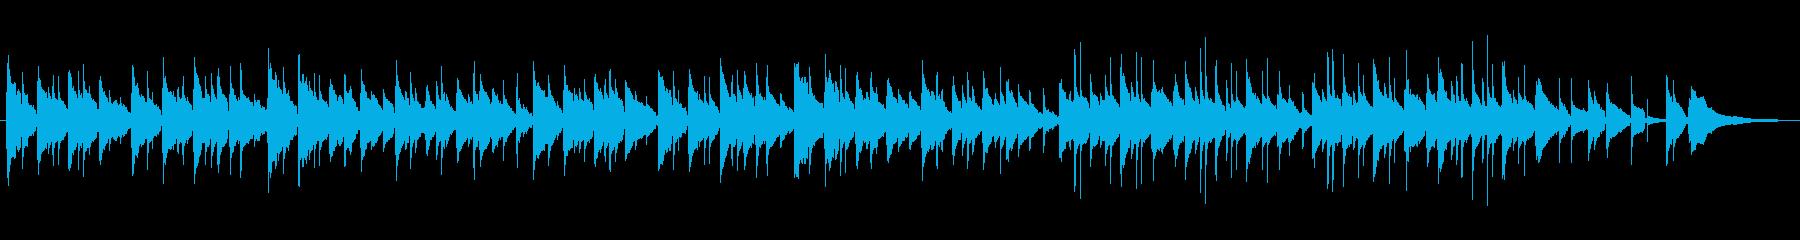 カタロニア民謡の再生済みの波形